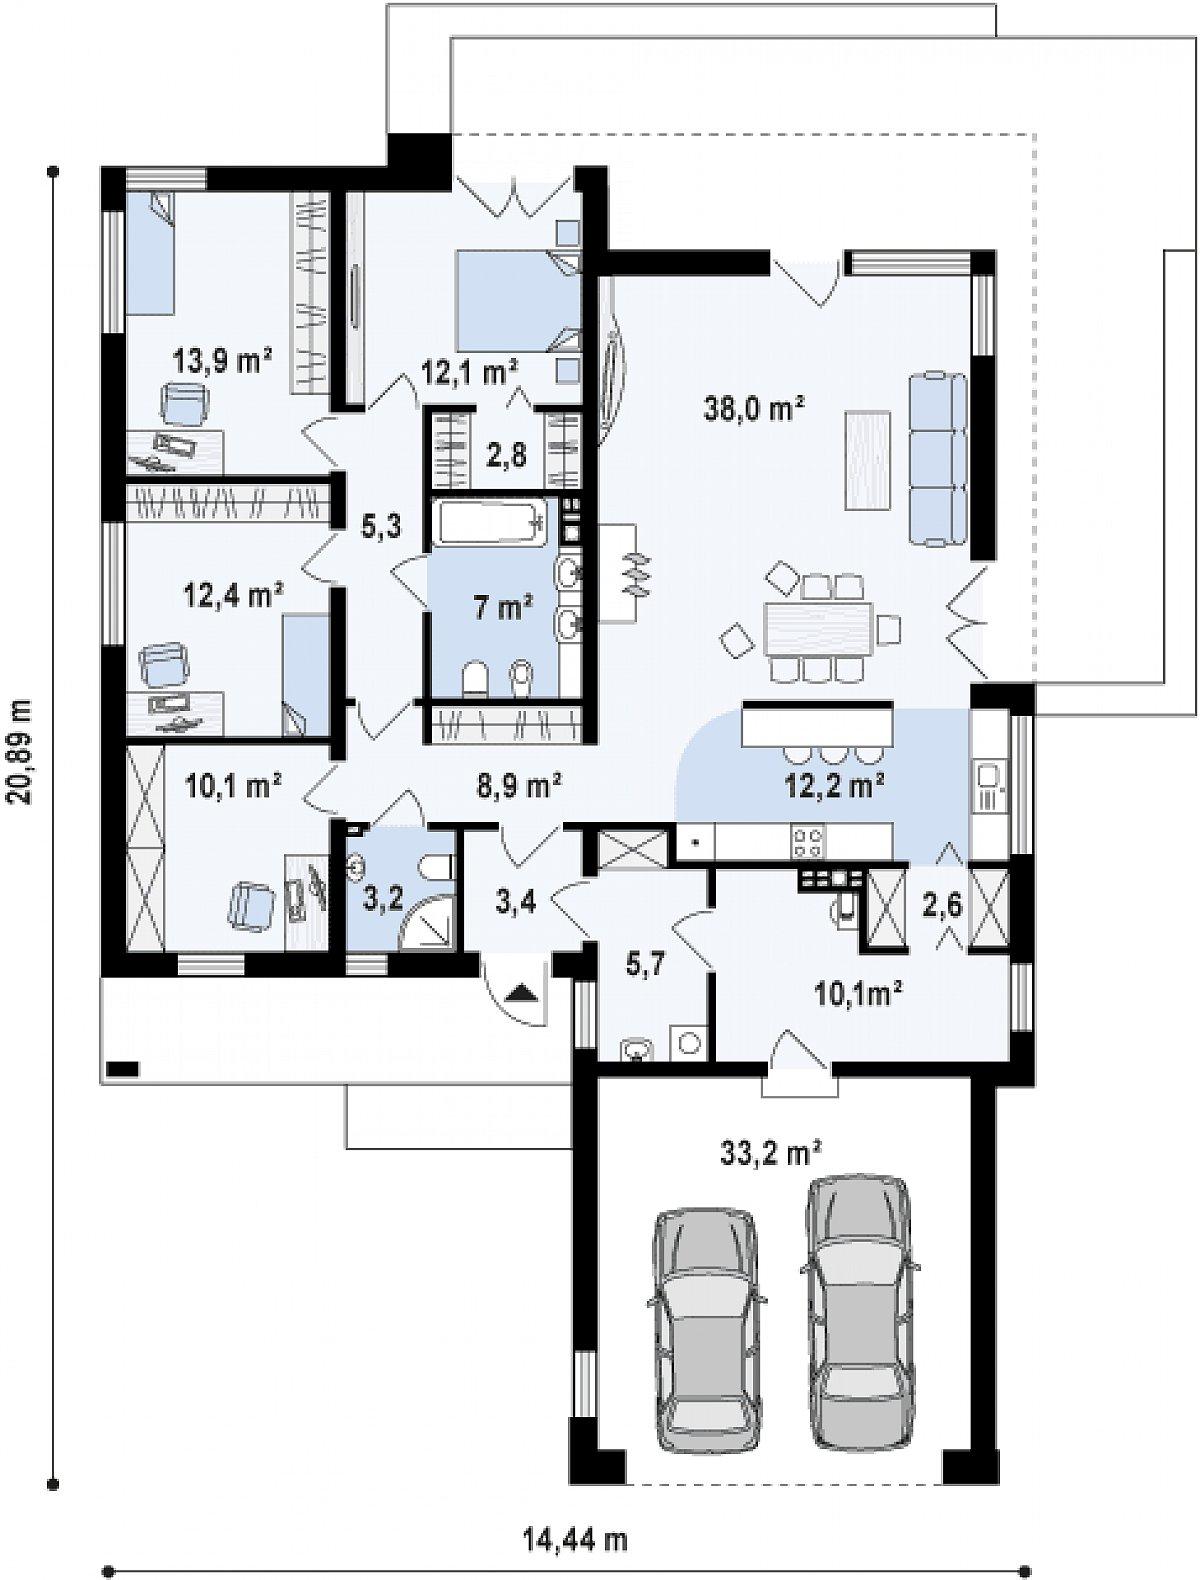 Первый этаж 148,8(182,0м²) дома Zx103